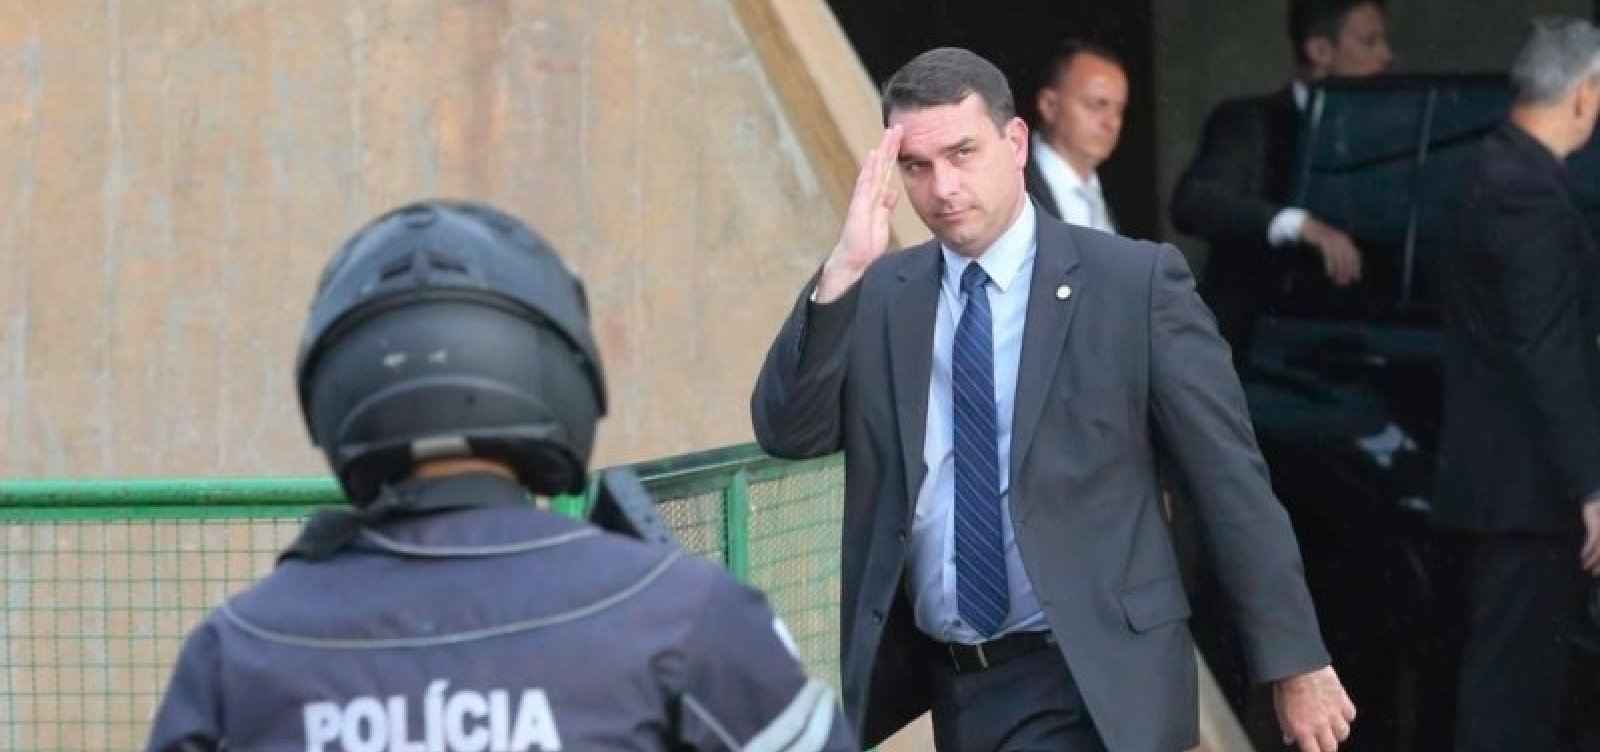 Flávio Bolsonaro financiou prédios ilegais da milícia no Rio, diz Intercept Brasil